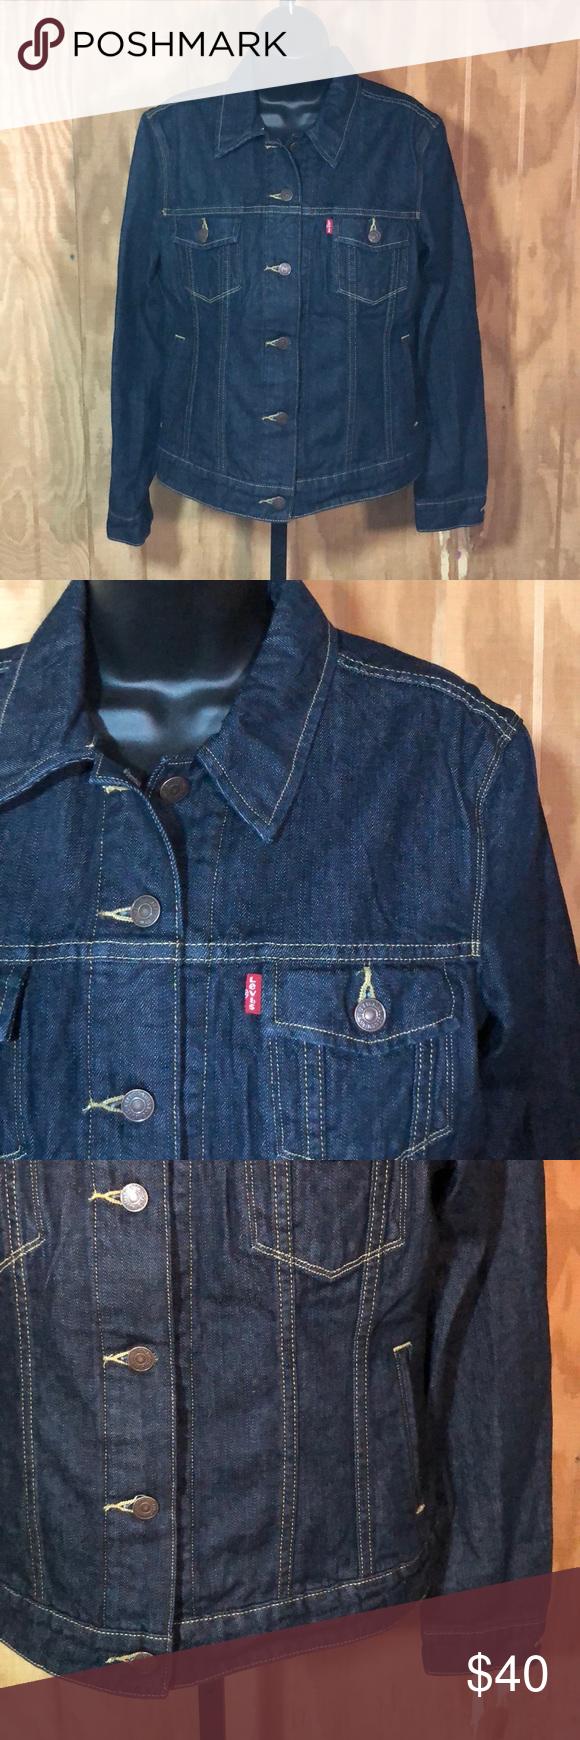 6568fc4ee22a Levi Dark Wash Denim Jean Jacket Women s Medium Levi dark was denim jacket. Levi s  Jackets   Coats Jean Jackets